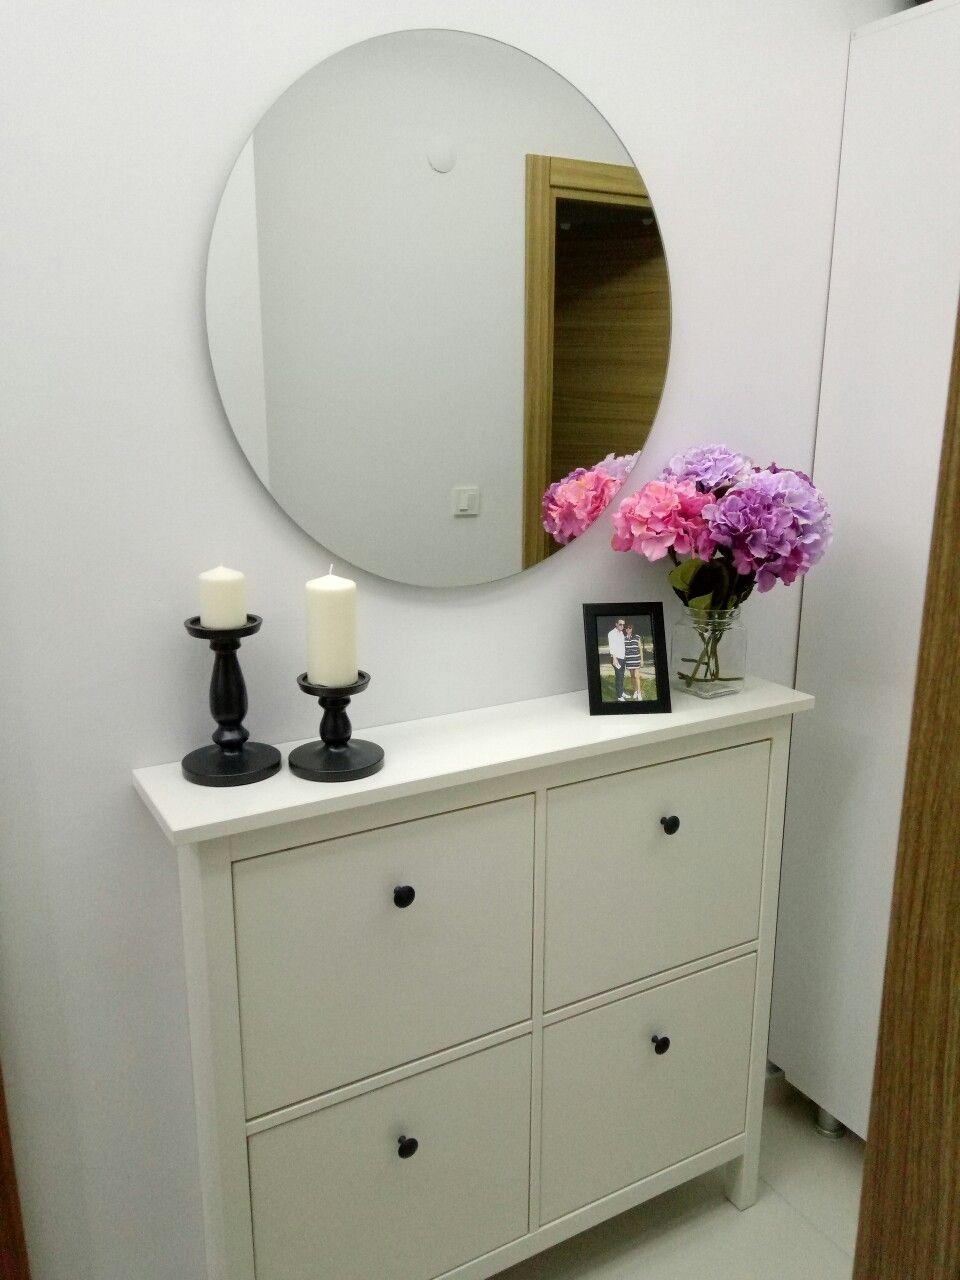 Ayakkabilik Ustu Ayna Oturma Odasi Takimlari Dekor Oturma Odasi Dekorasyonu